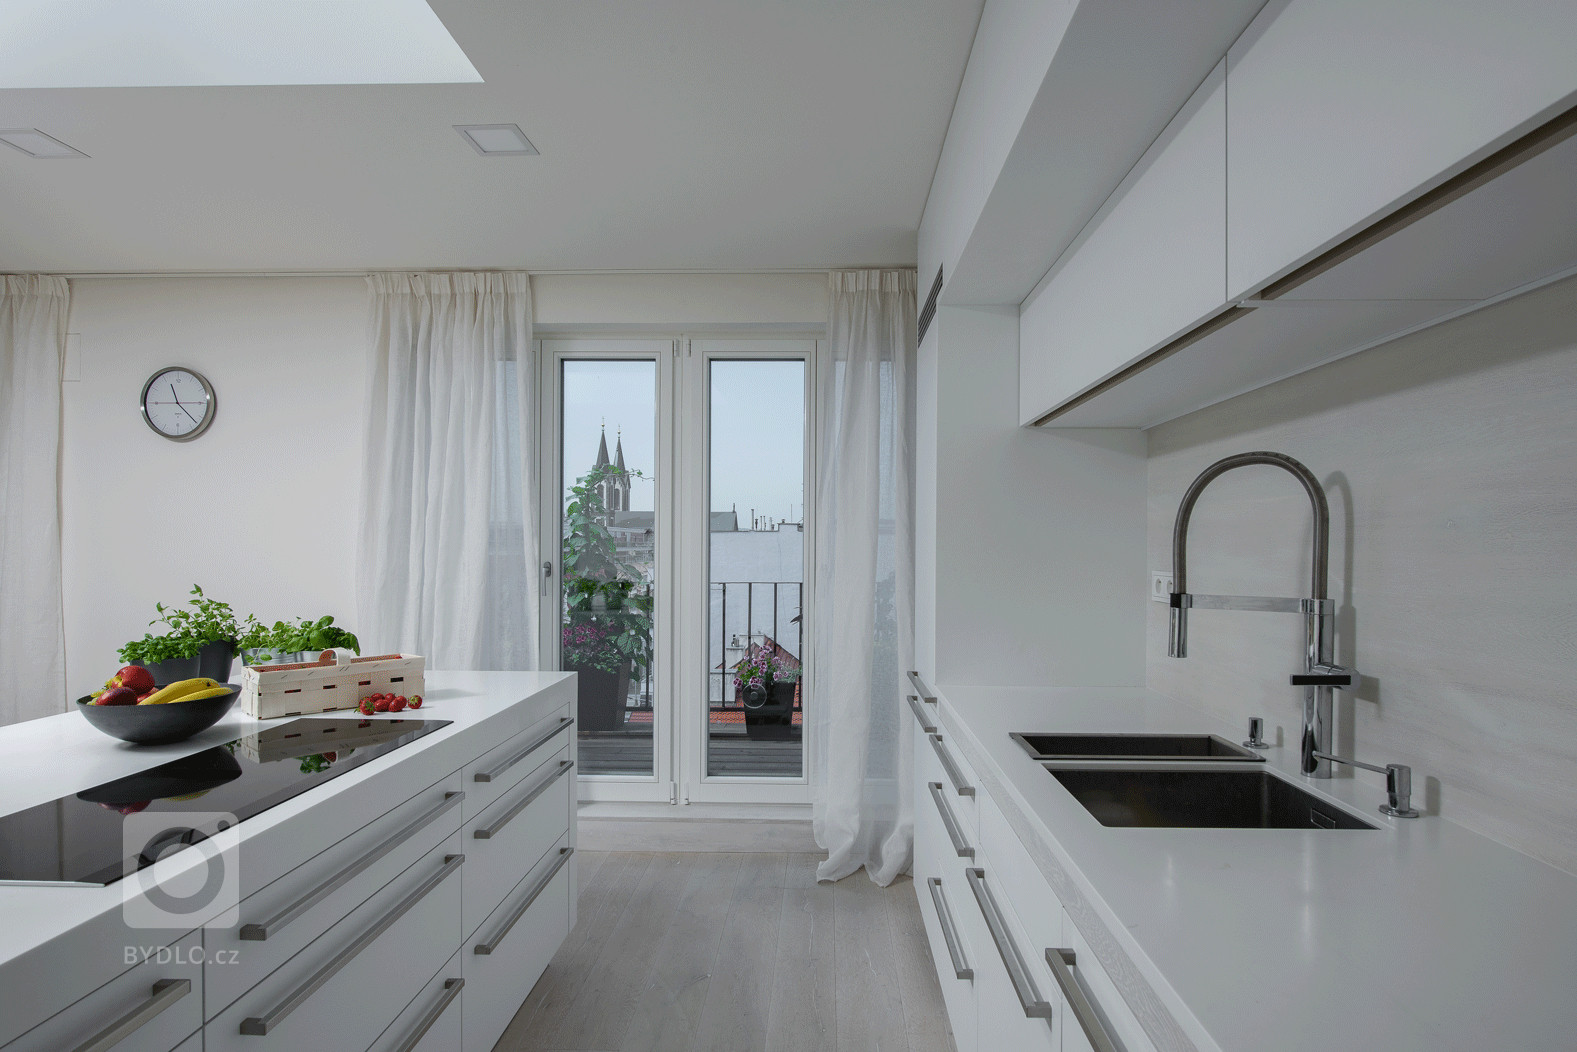 Zbývalé – velmi zdevastované – prádelny pod střechou prvorepublikového domu vznikl malý byt pro časté cesty manželského páru do Prahy. Místo…